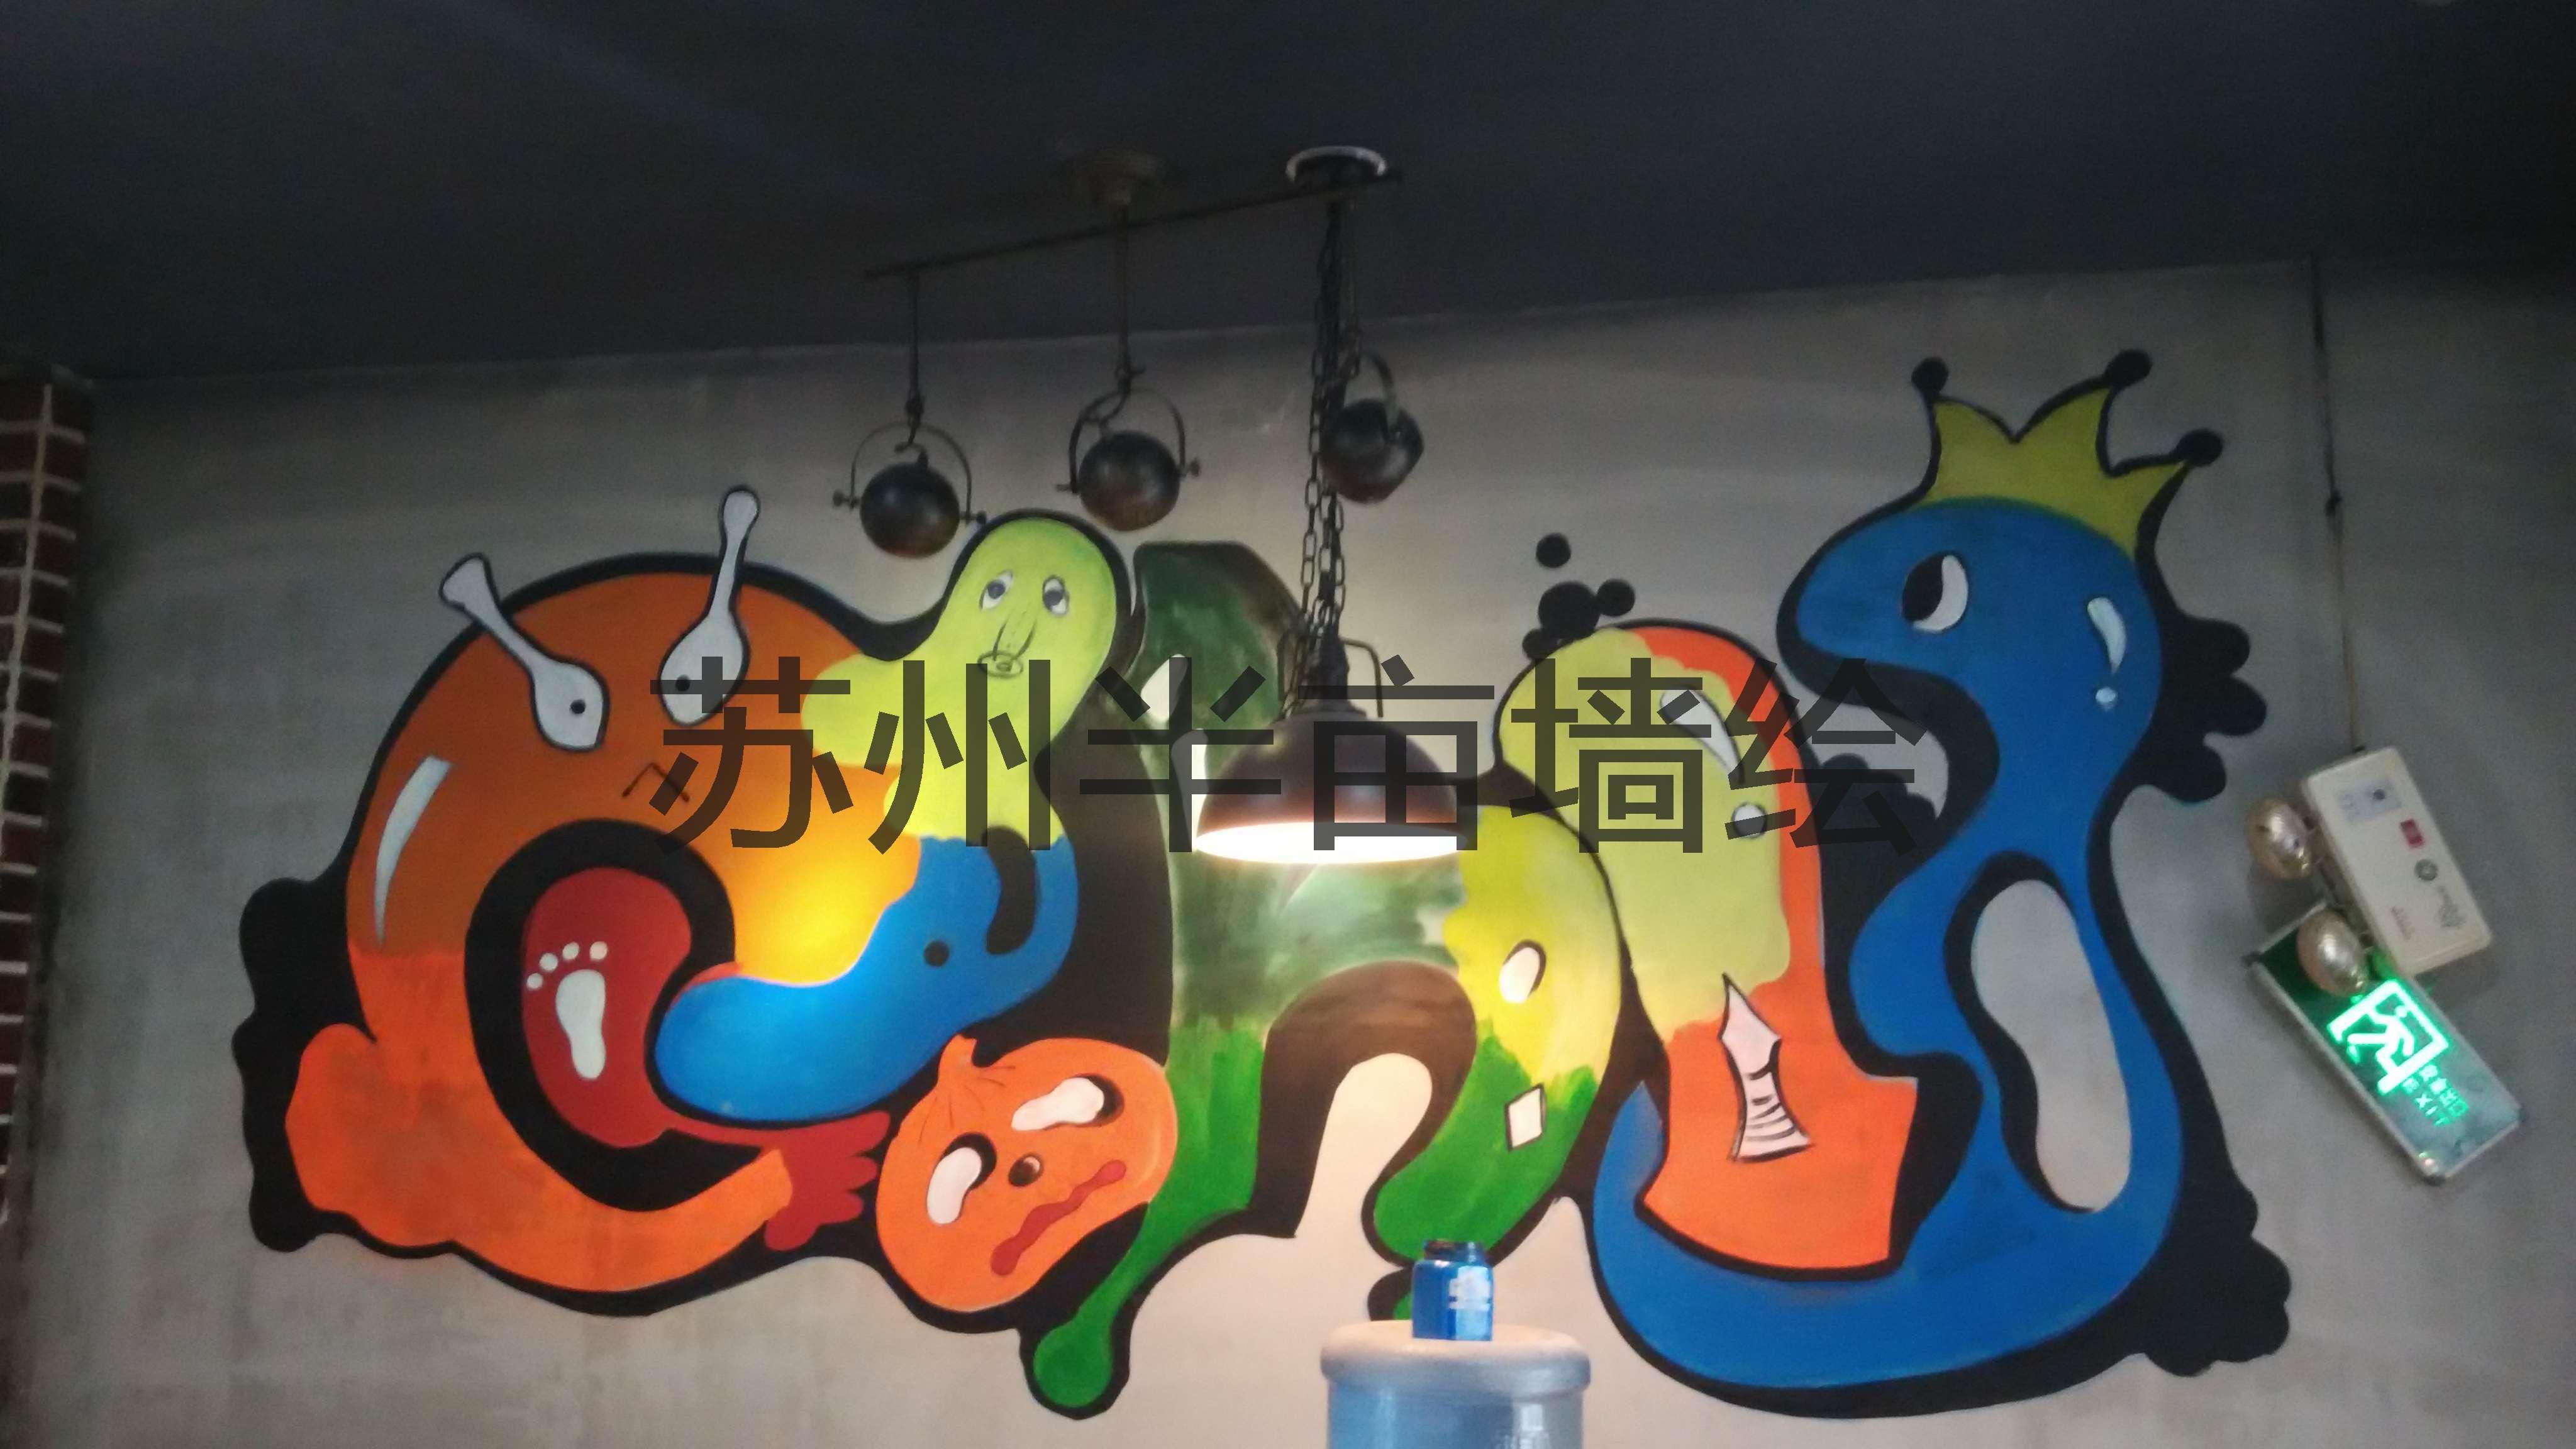 卡通涂鸦手绘墙网吧墙绘